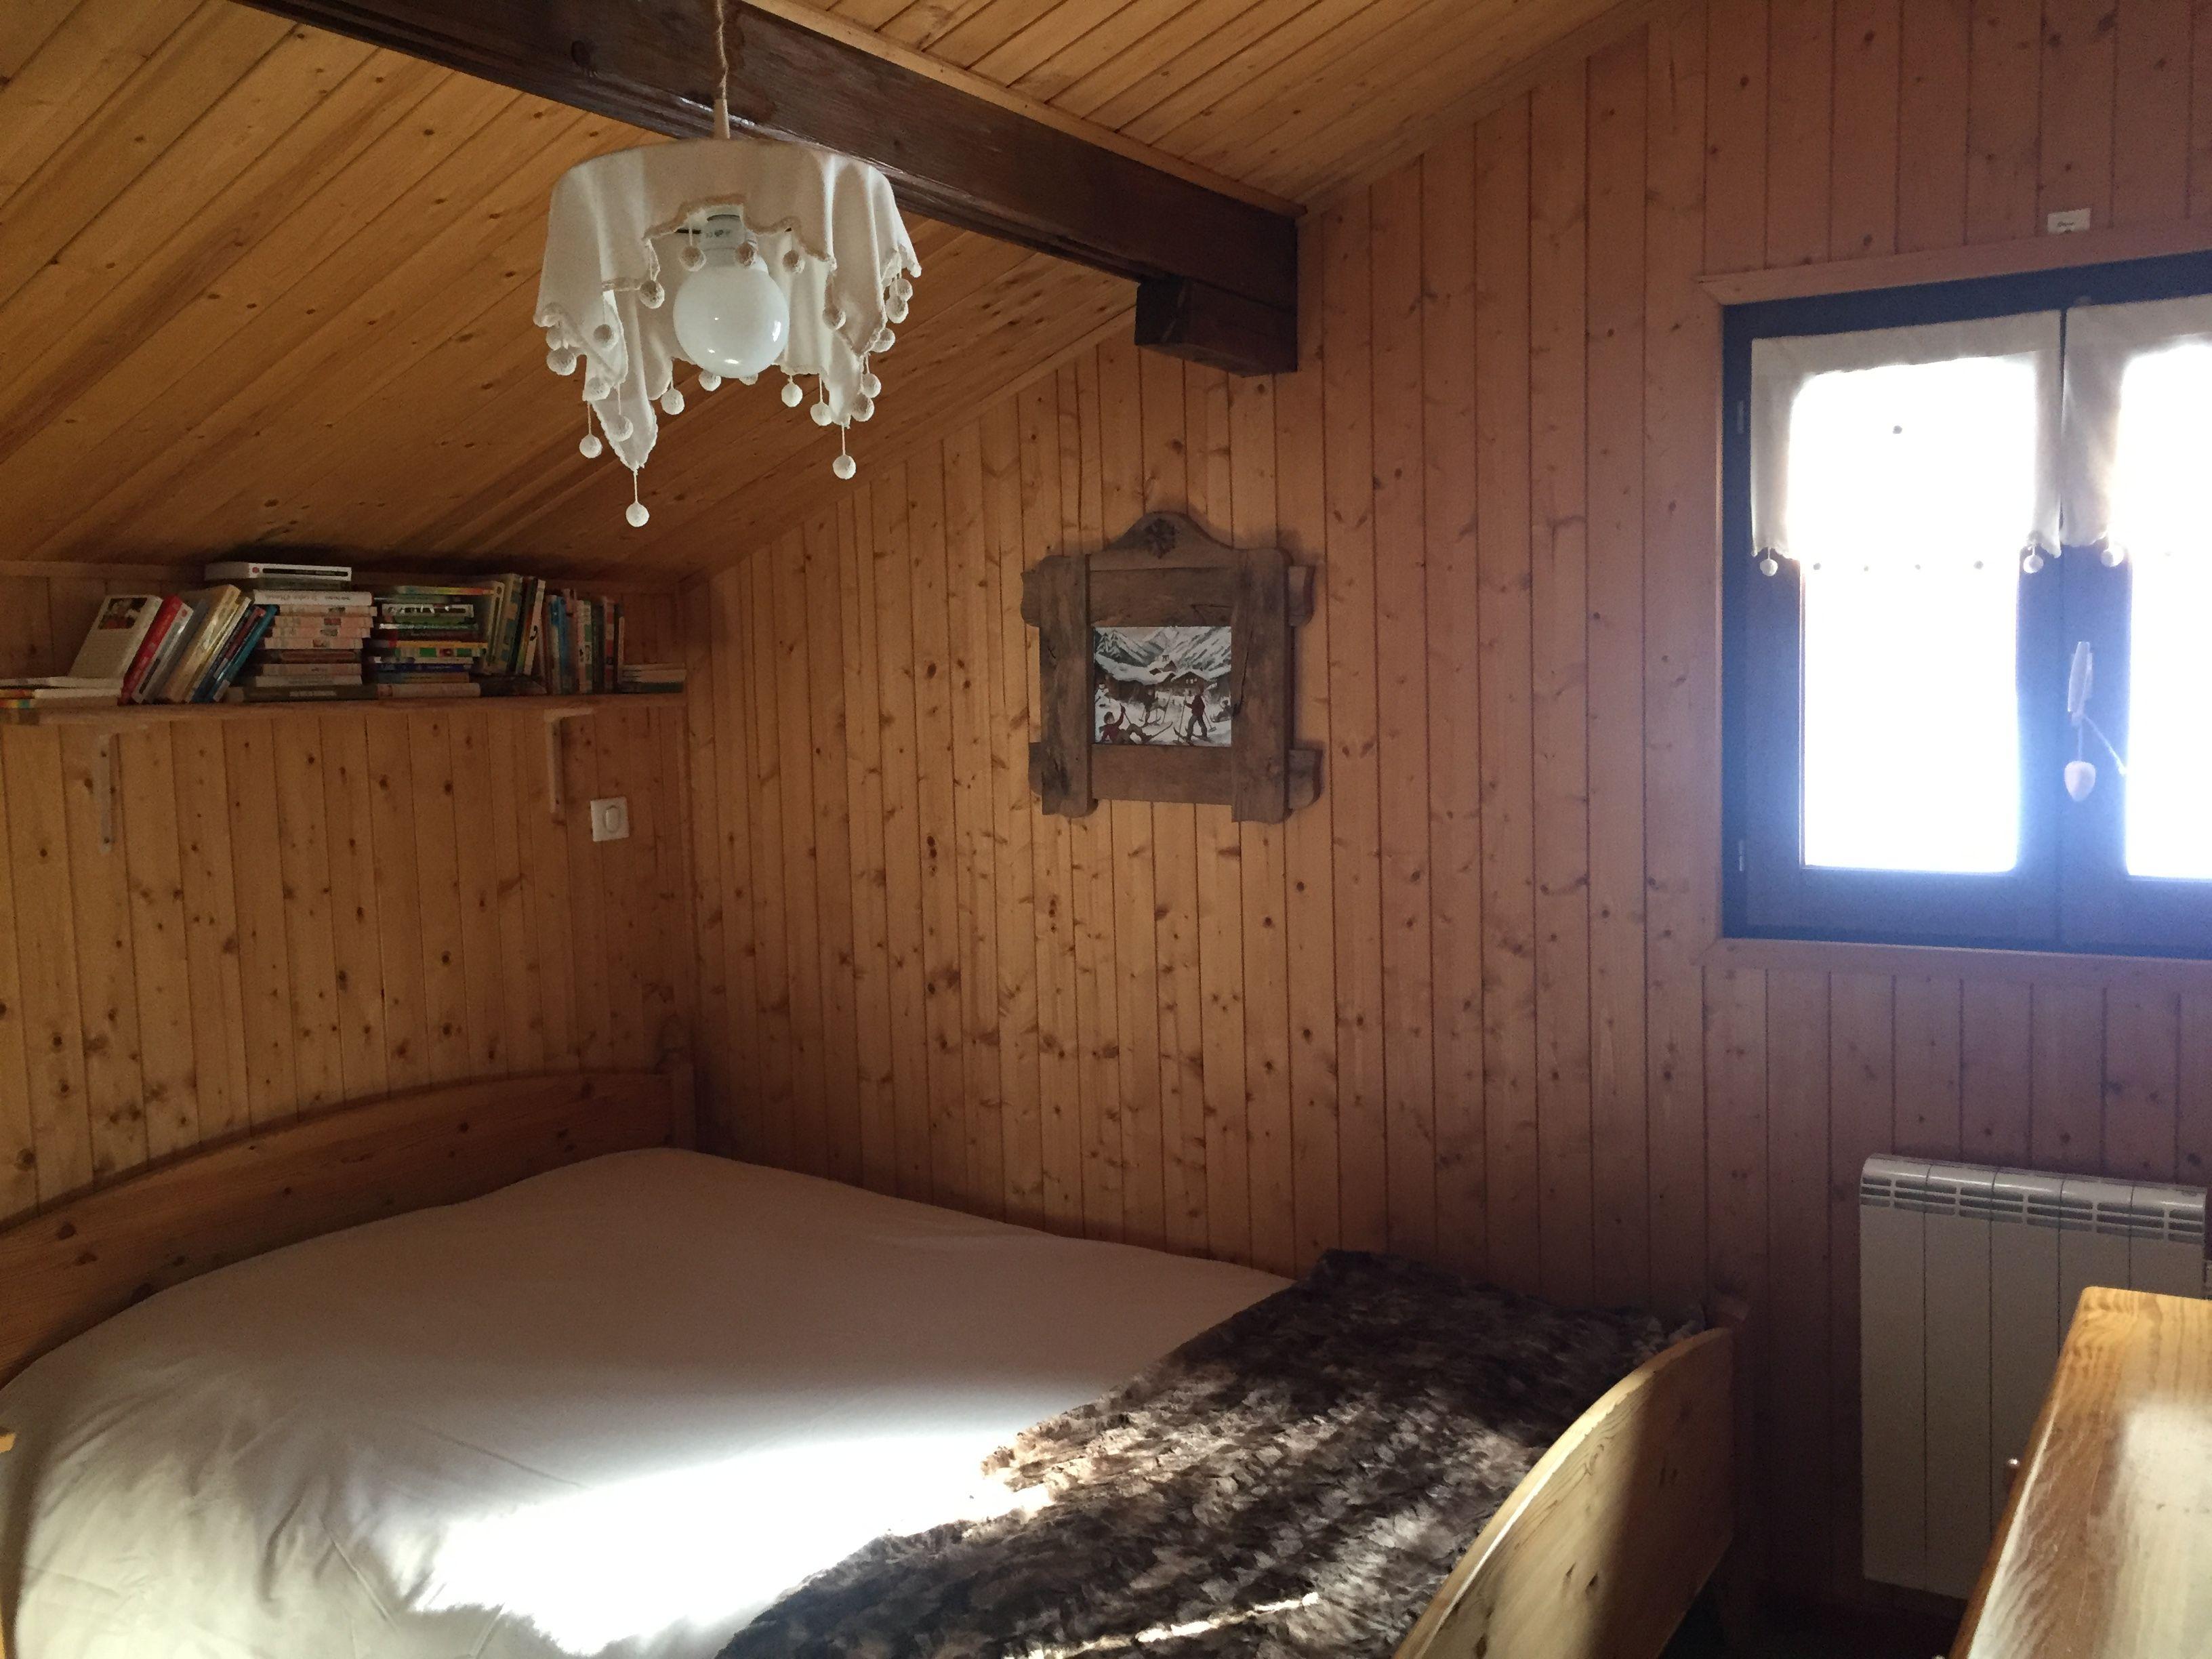 Chambre Le Flocon Avec Tv Cran Plat Chalet Le Perce Neige  # Meuble A Ecran Plat Dans Une Chambre